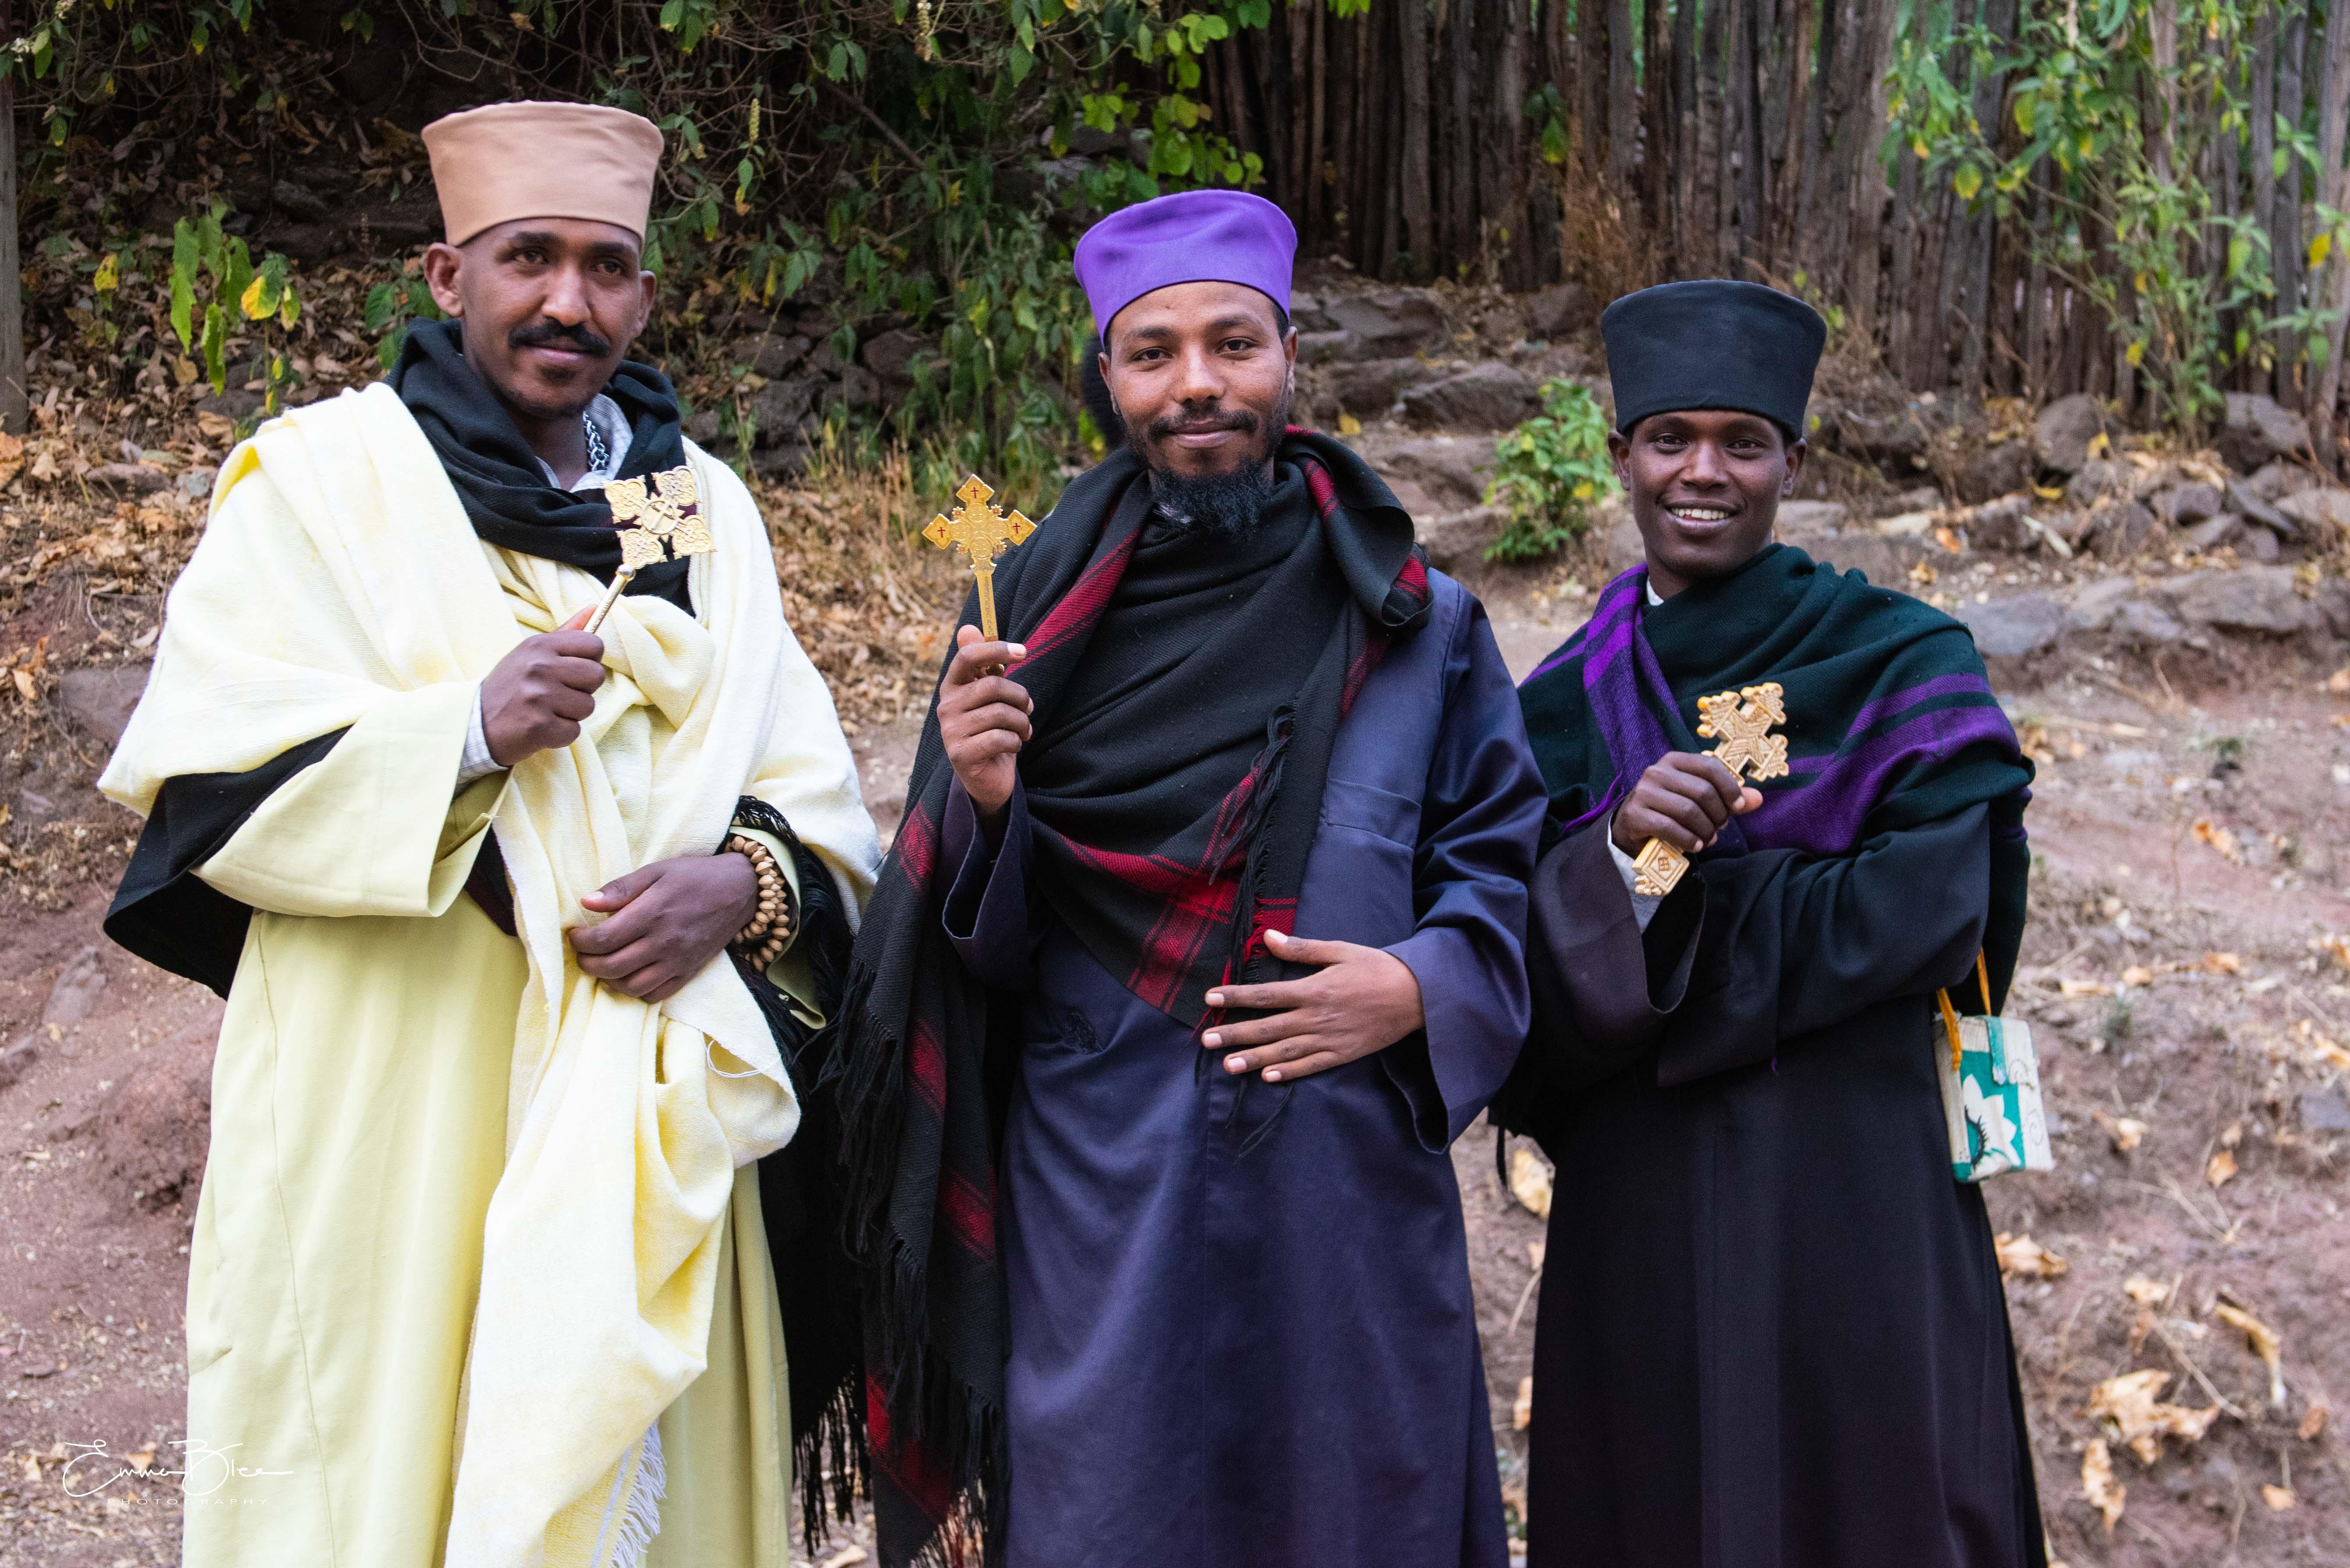 EB_20_01_05_Ethiopia_0196